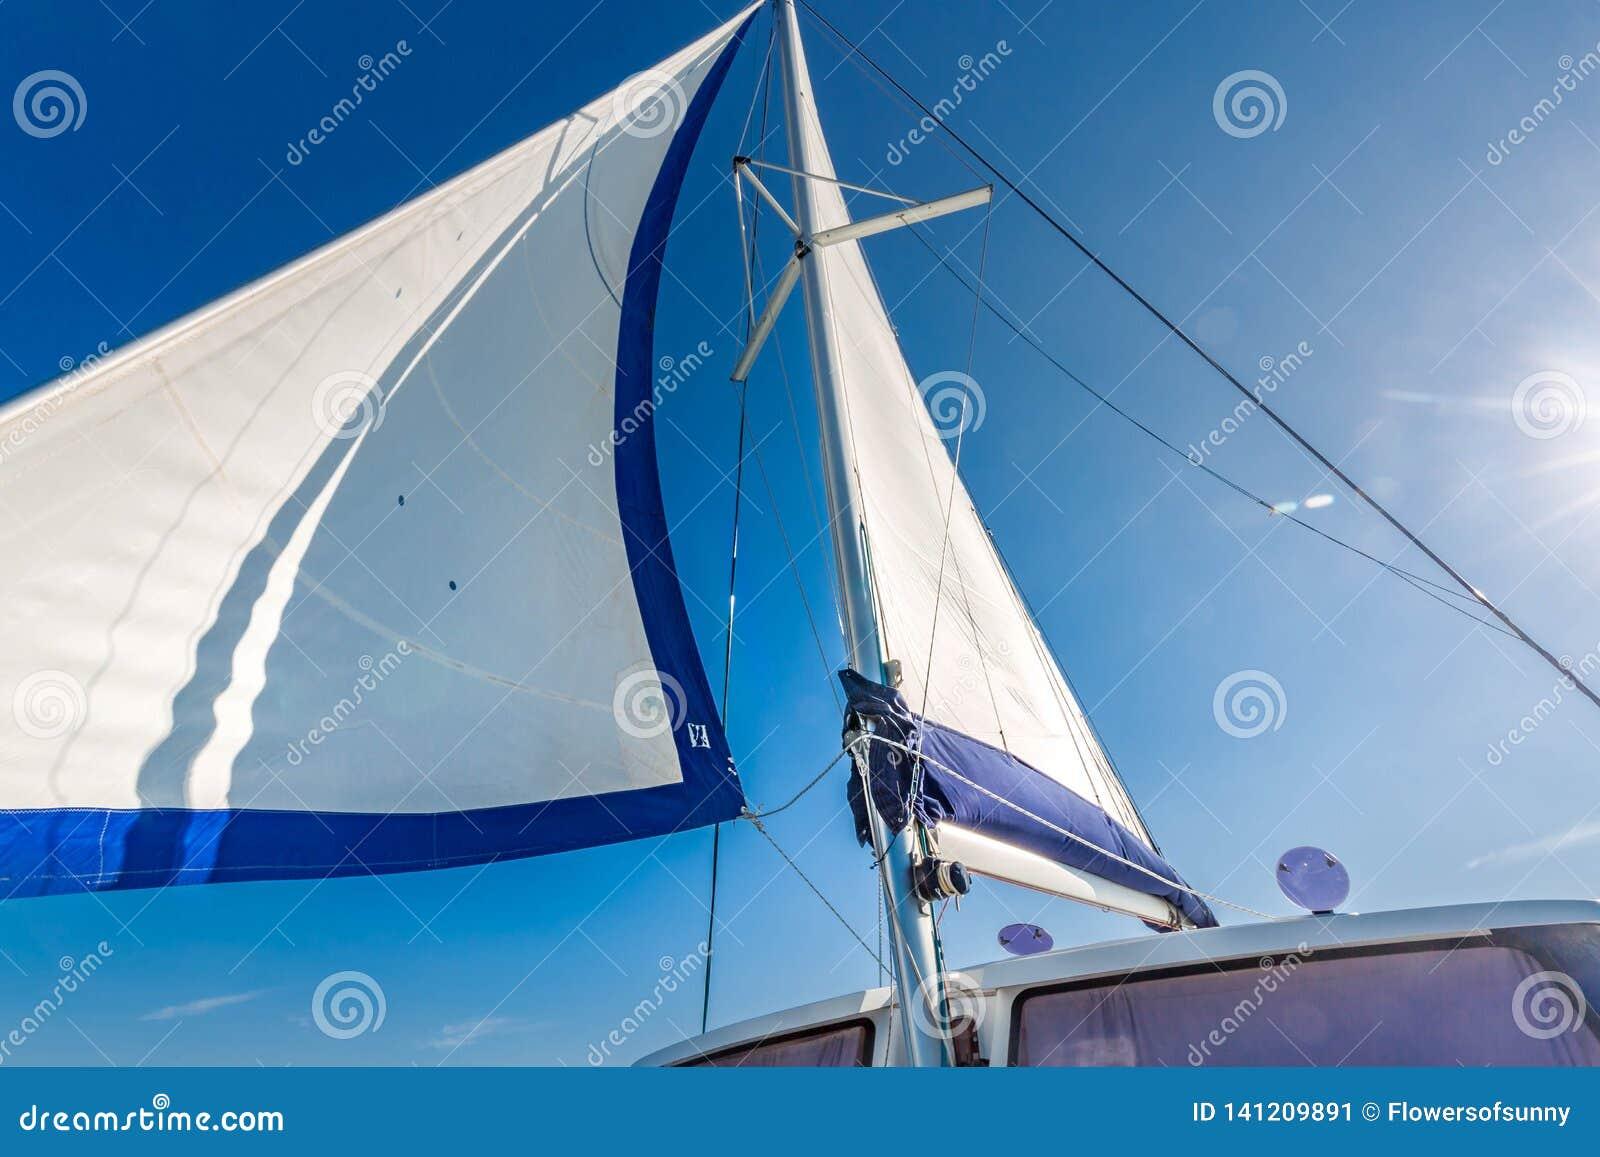 Vela de um barco de navigação contra o céu com raios do sol